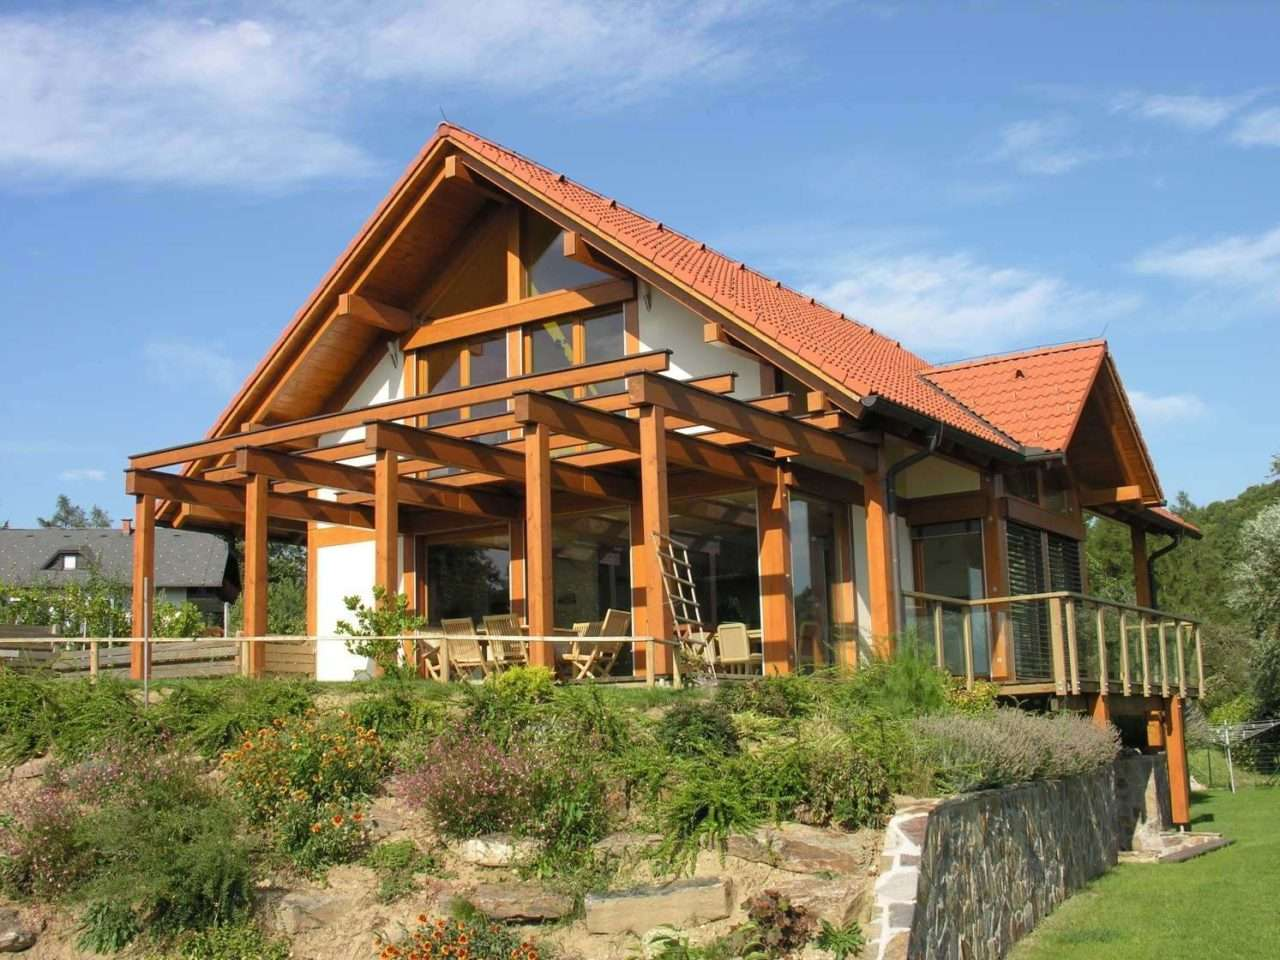 Modernes Fachwerkhaus tradition frischer jugendlicher stil